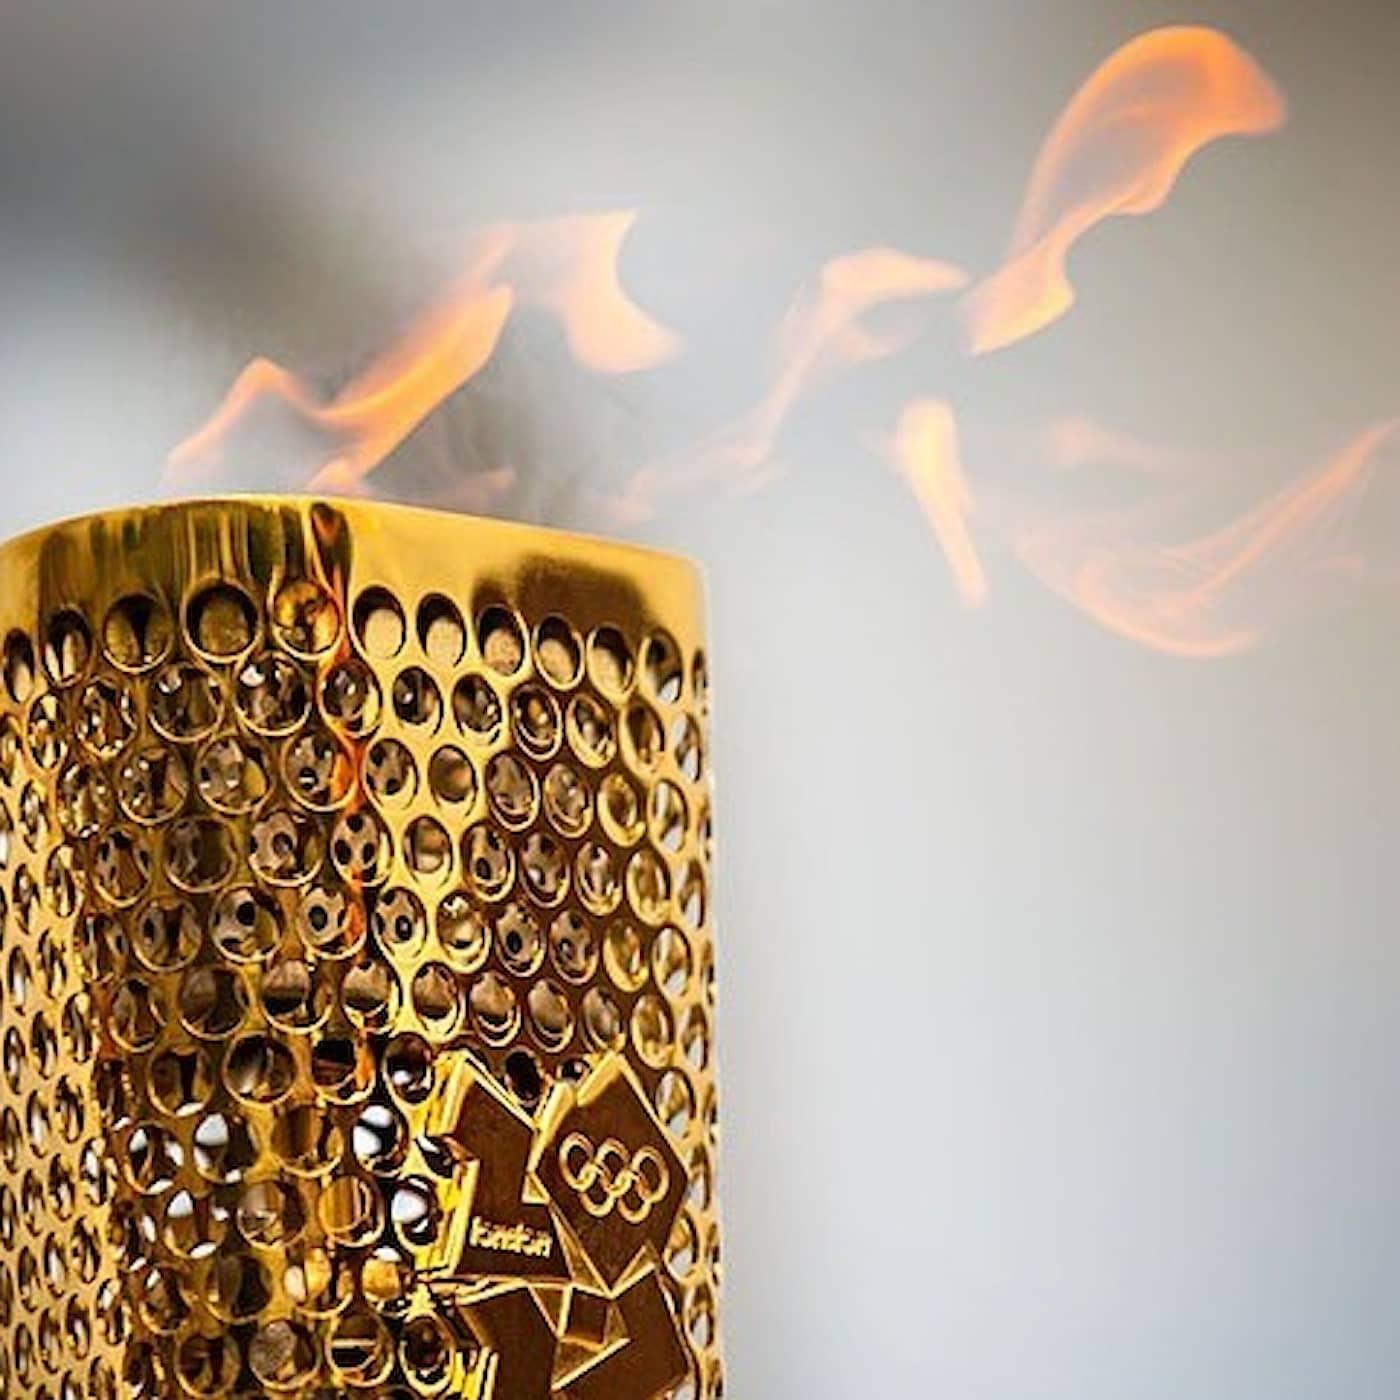 Så satsar Japan på vätgas inför olympiska spelen